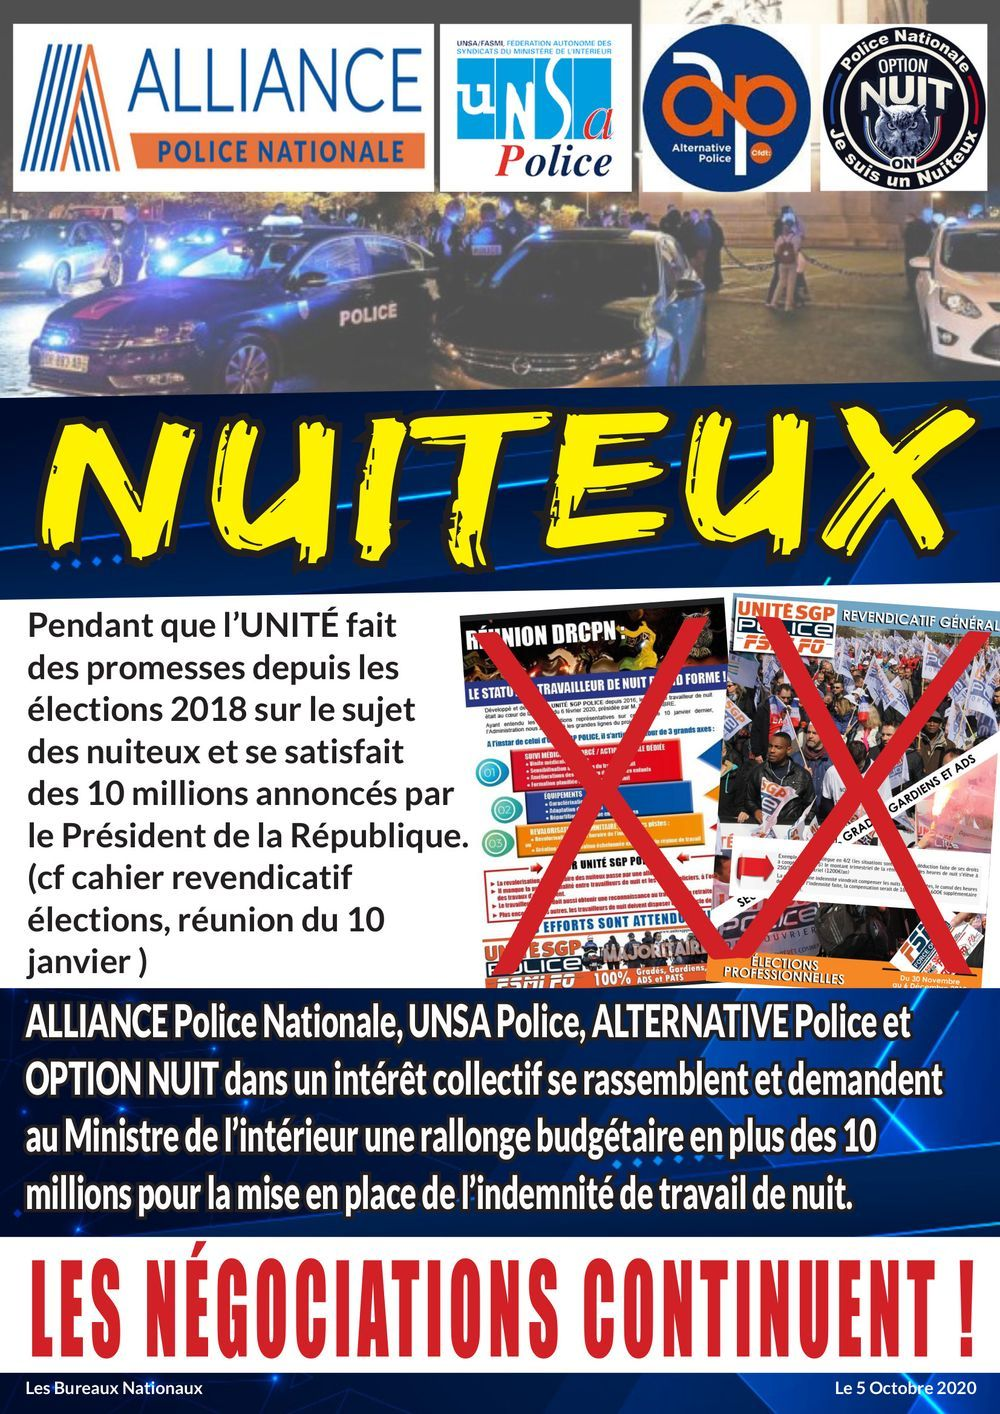 Action intersyndicale pour défendre les nuiteux !